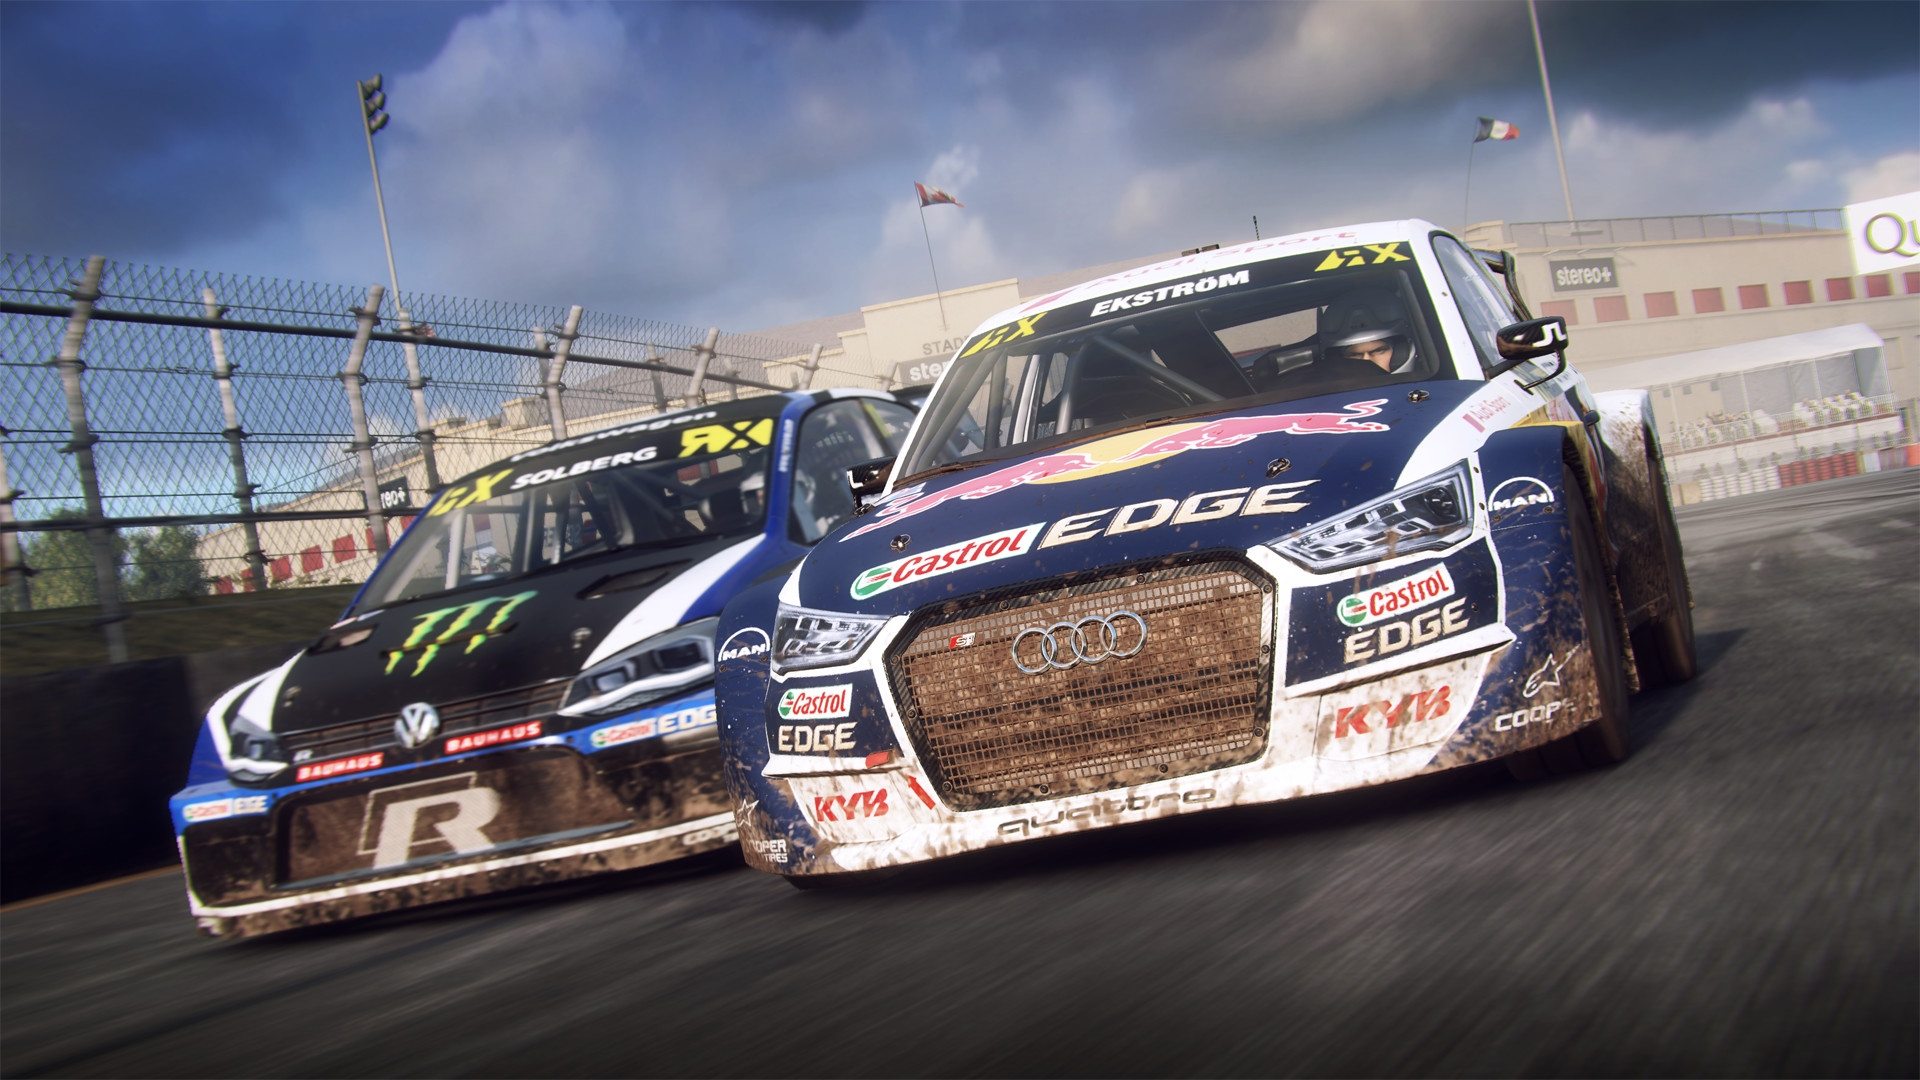 гоночные машины ралли игры ассортимент